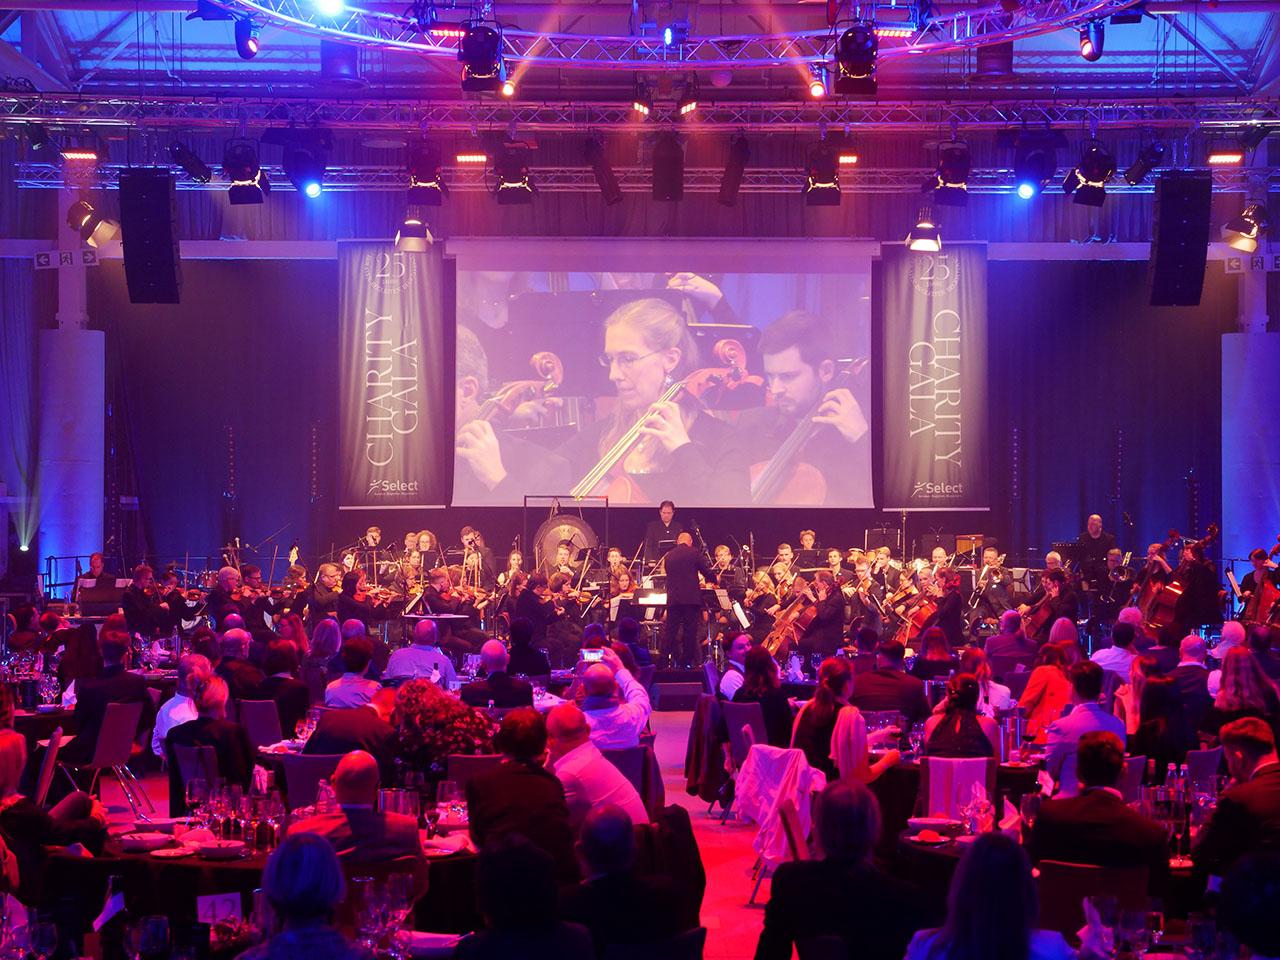 Orchester auf der Charity Gala